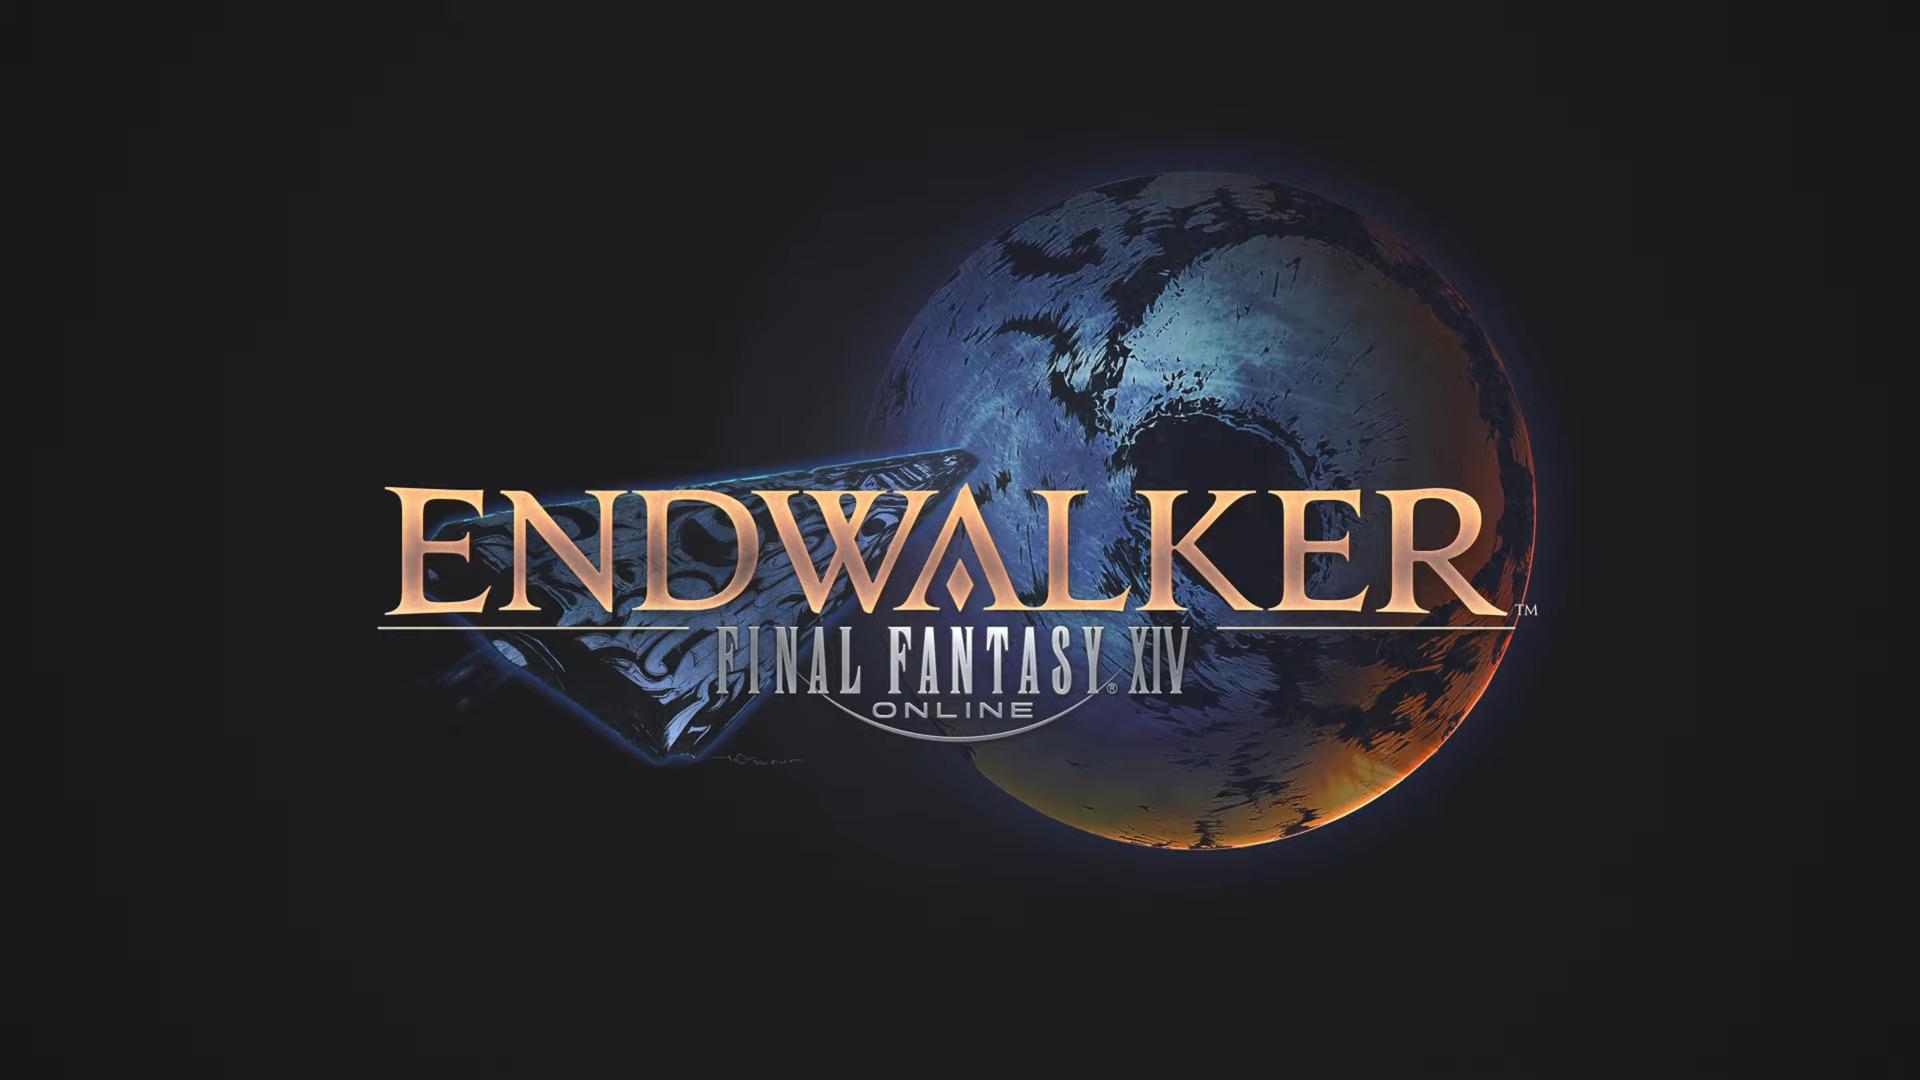 FINAL FANTASY XIV_ ENDWALKER Teaser Trailer 2-53 screenshot